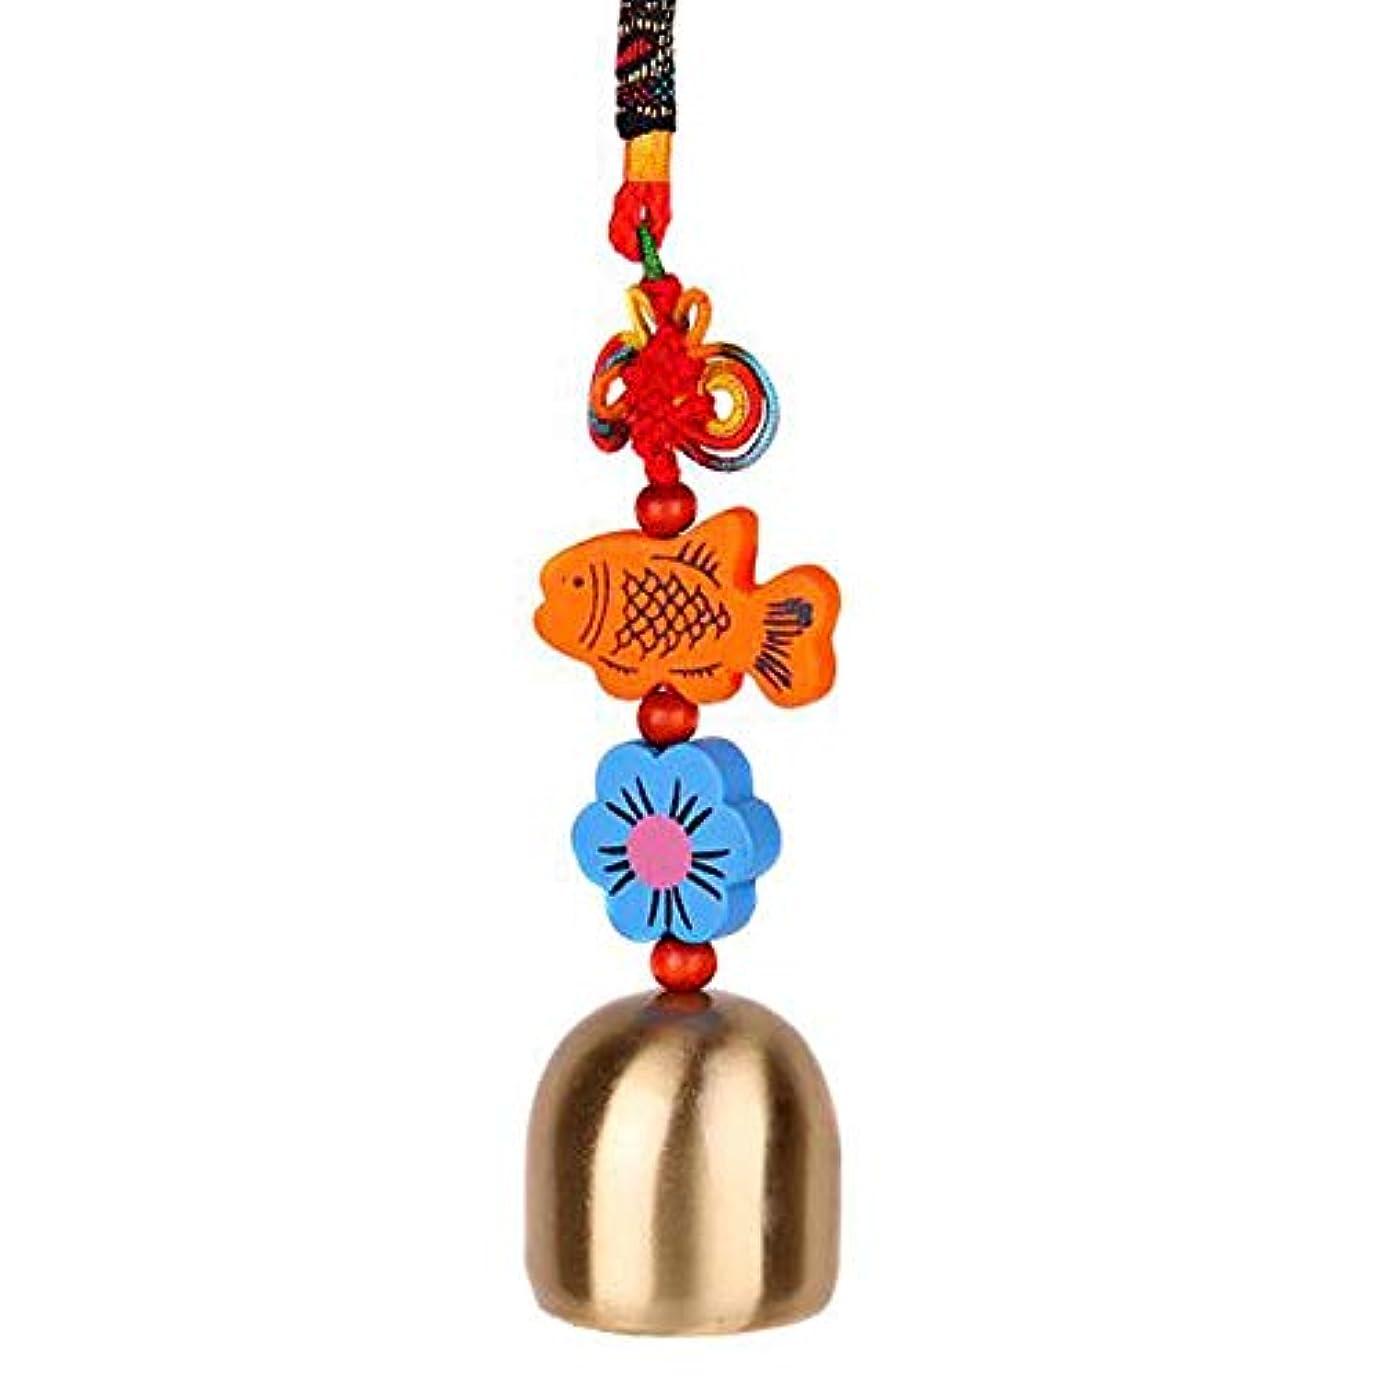 その愛葬儀Youshangshipin 風チャイム、中国のノット銅鐘ホーム車の装飾、ゴールド、全長約22CM,美しいギフトボックス (Color : A)